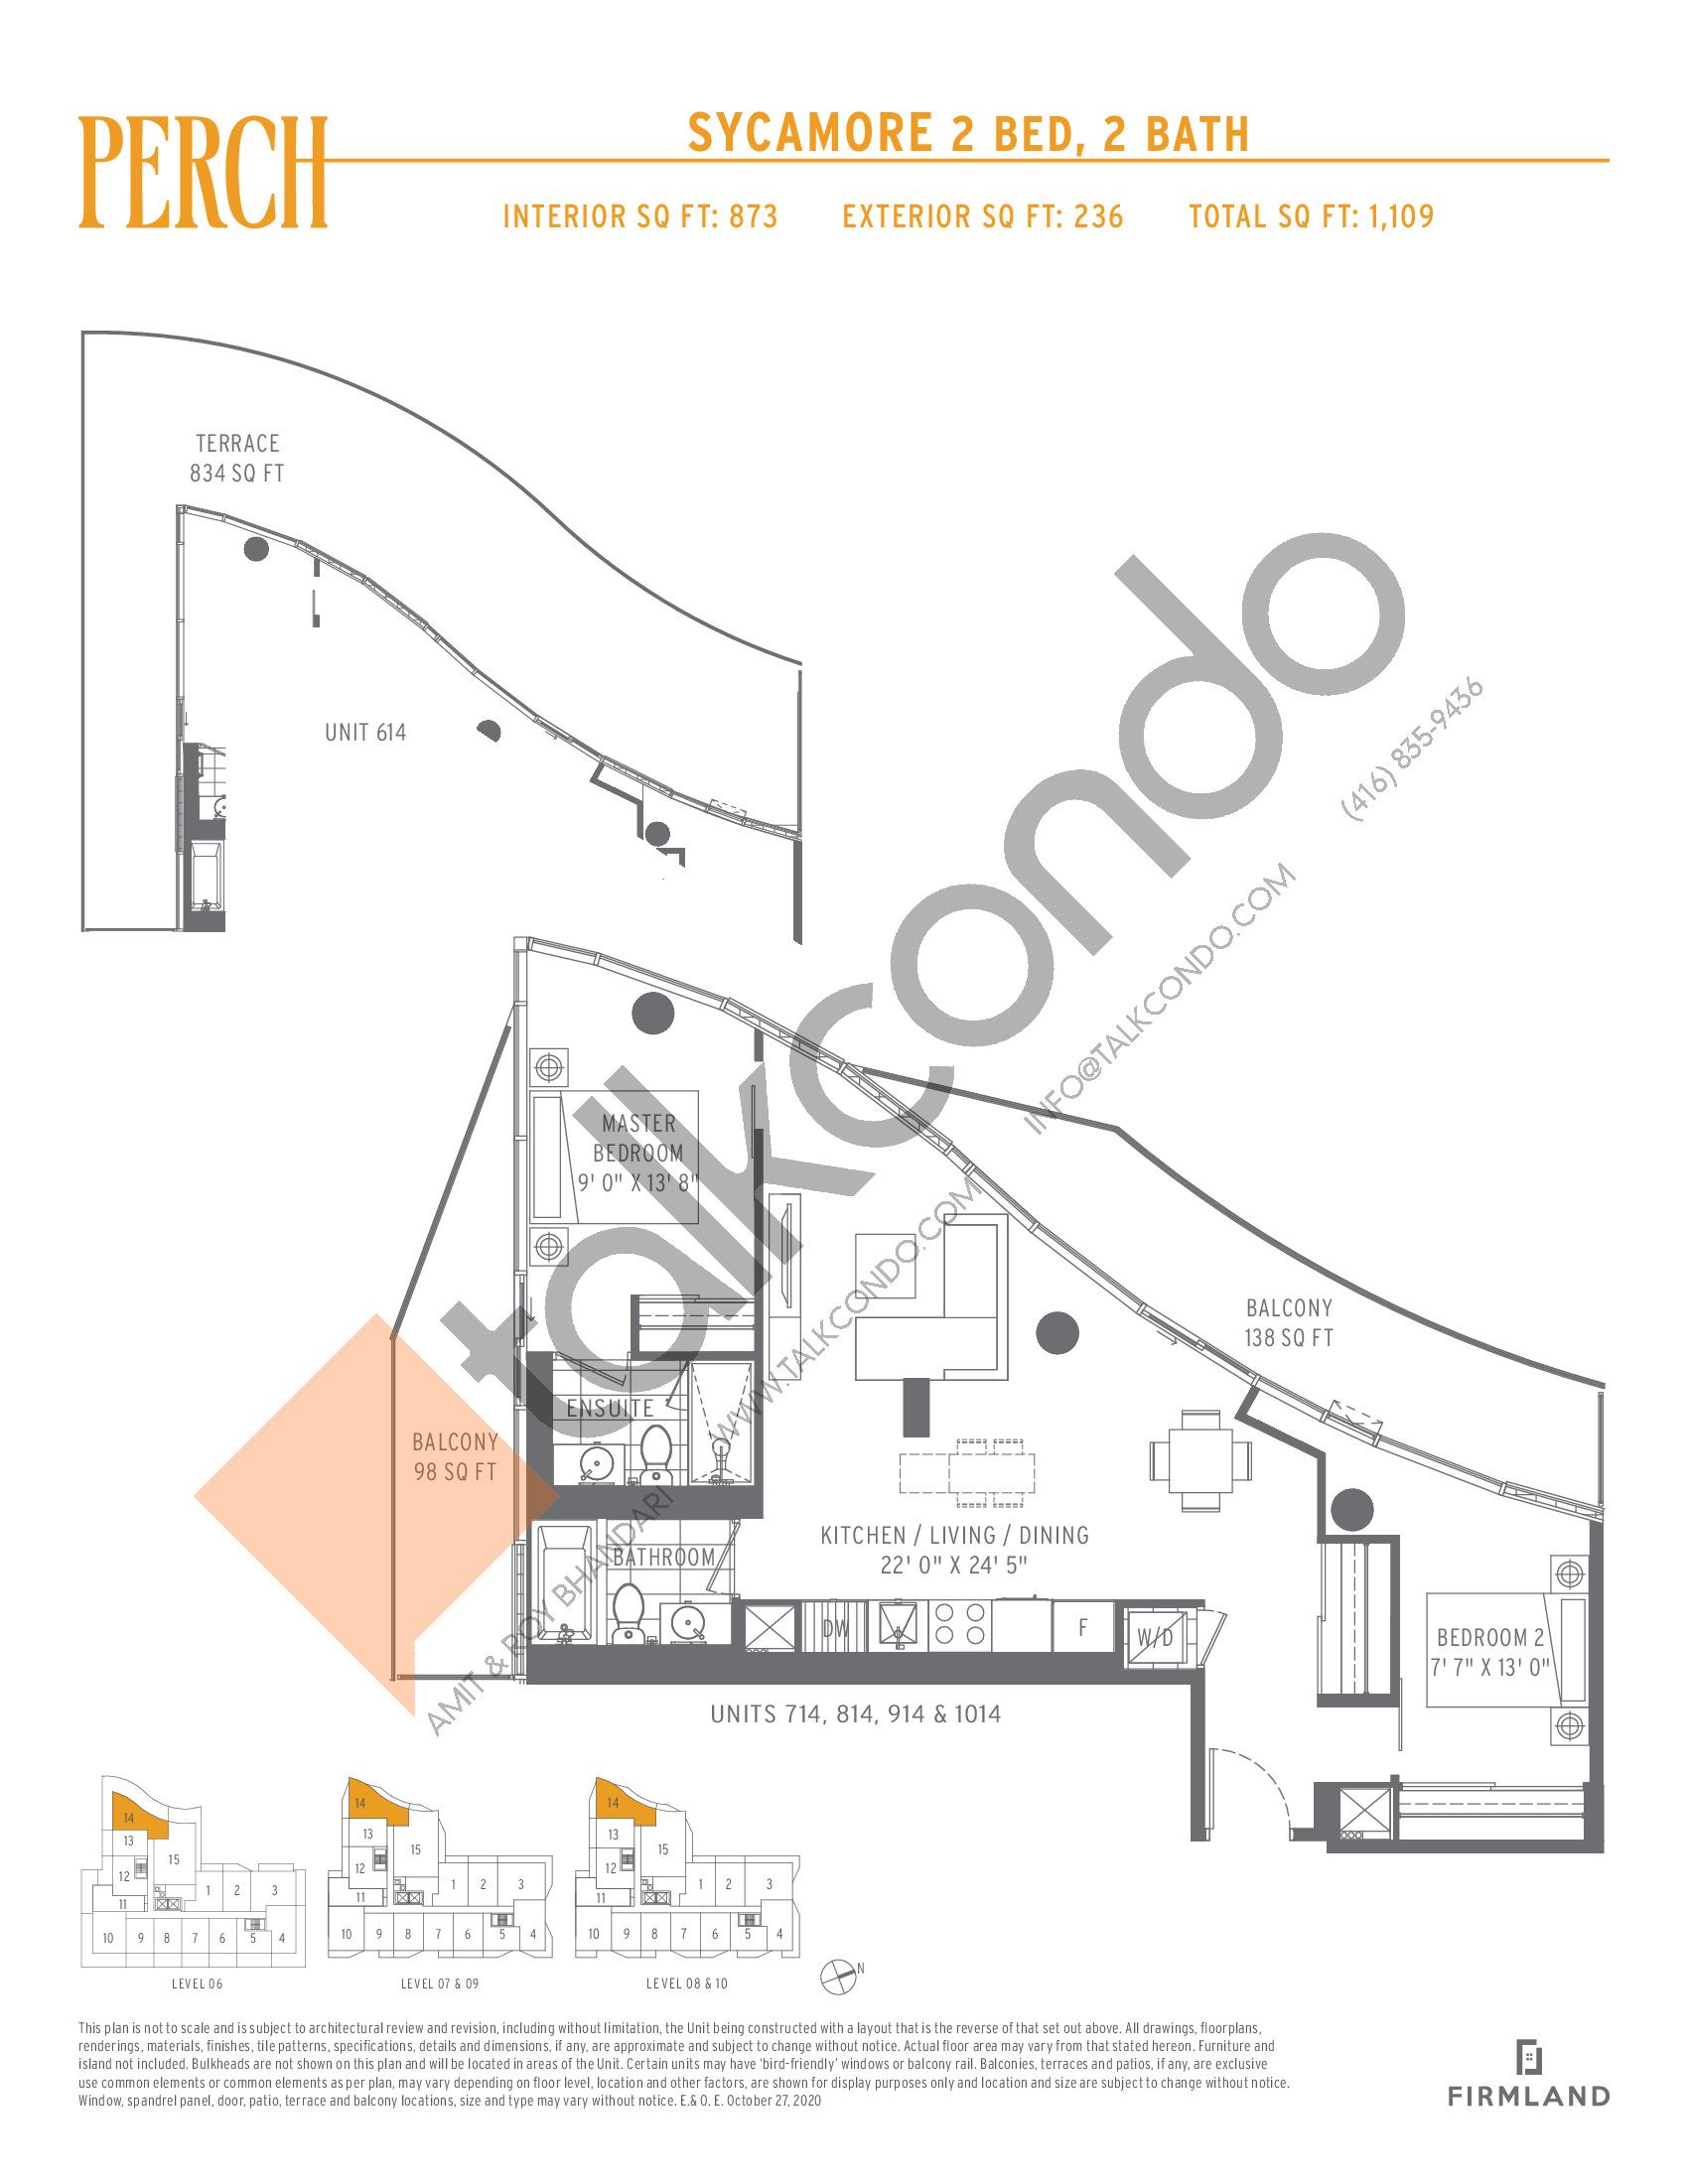 Sycamore Floor Plan at Perch Condos - 873 sq.ft